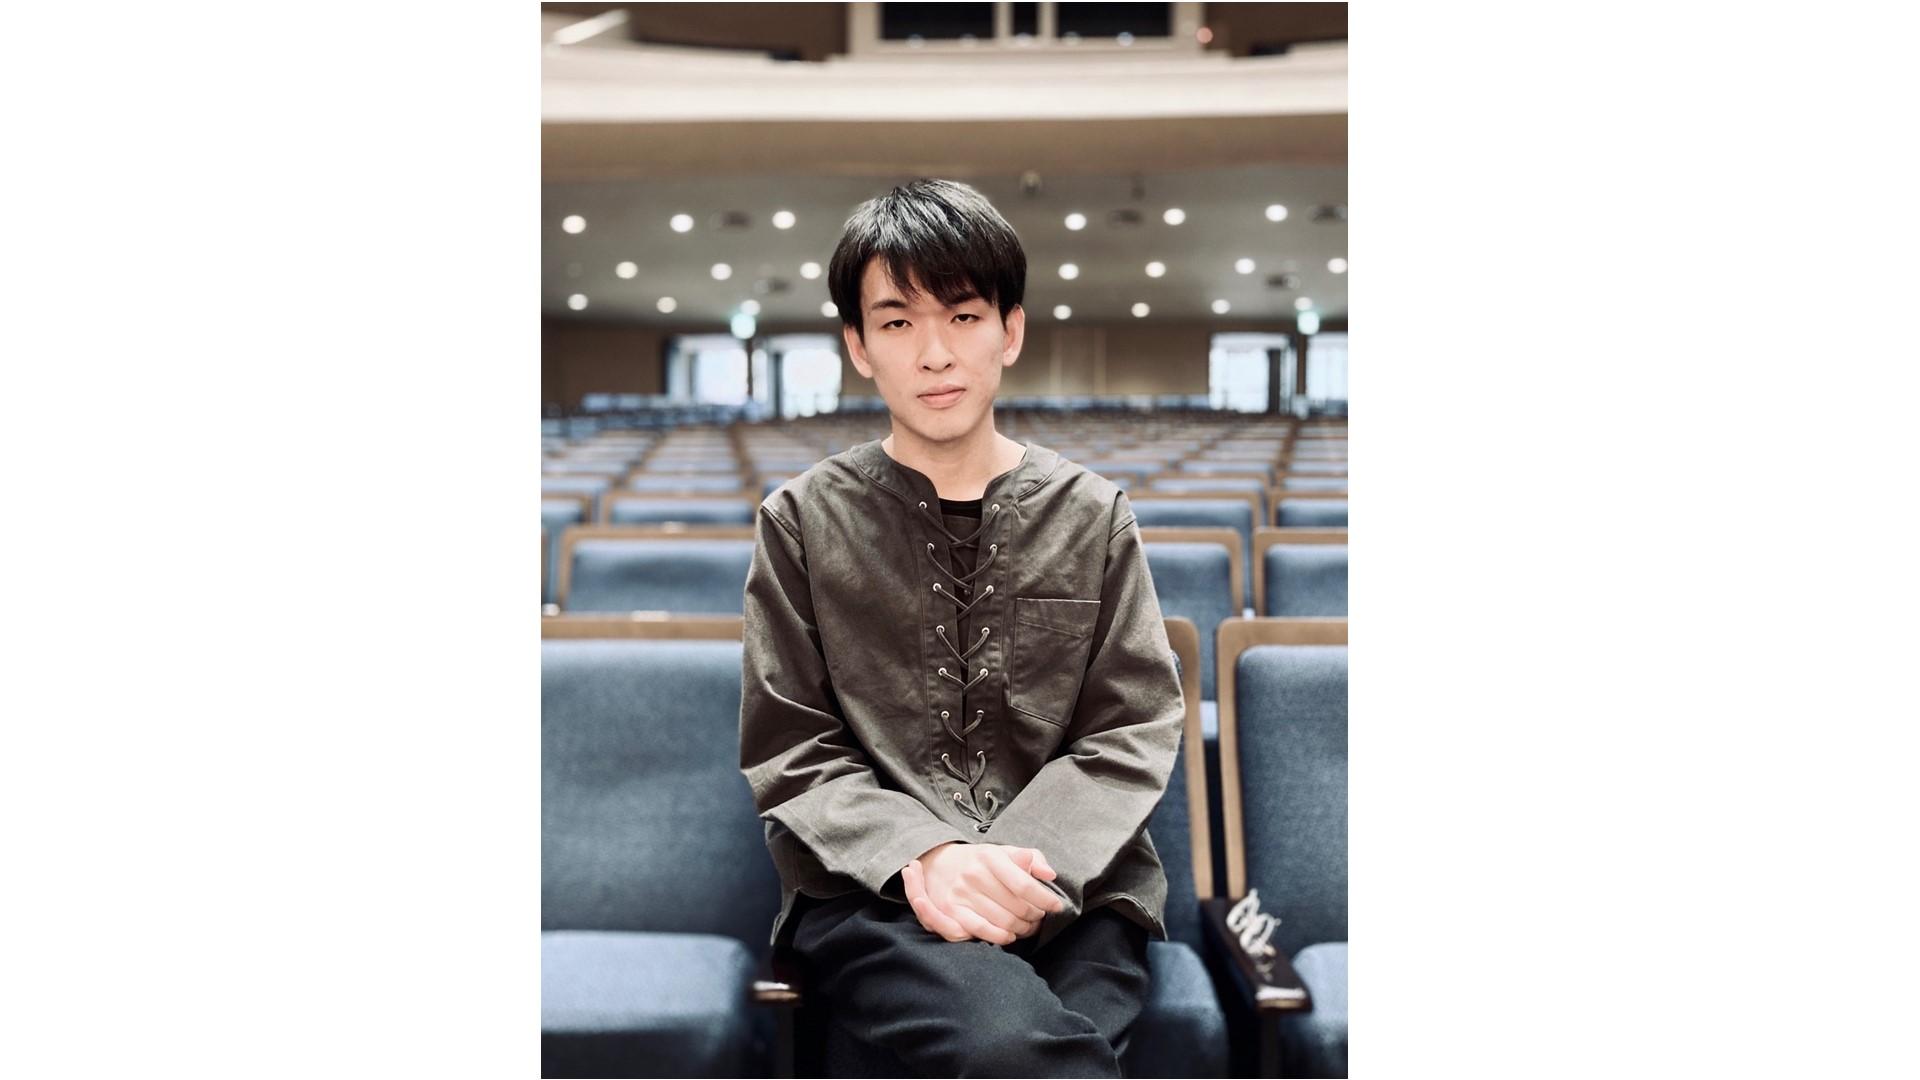 【コンクール受賞者インタビューシリーズ】第14回 福丸光詩さんを掲載しました